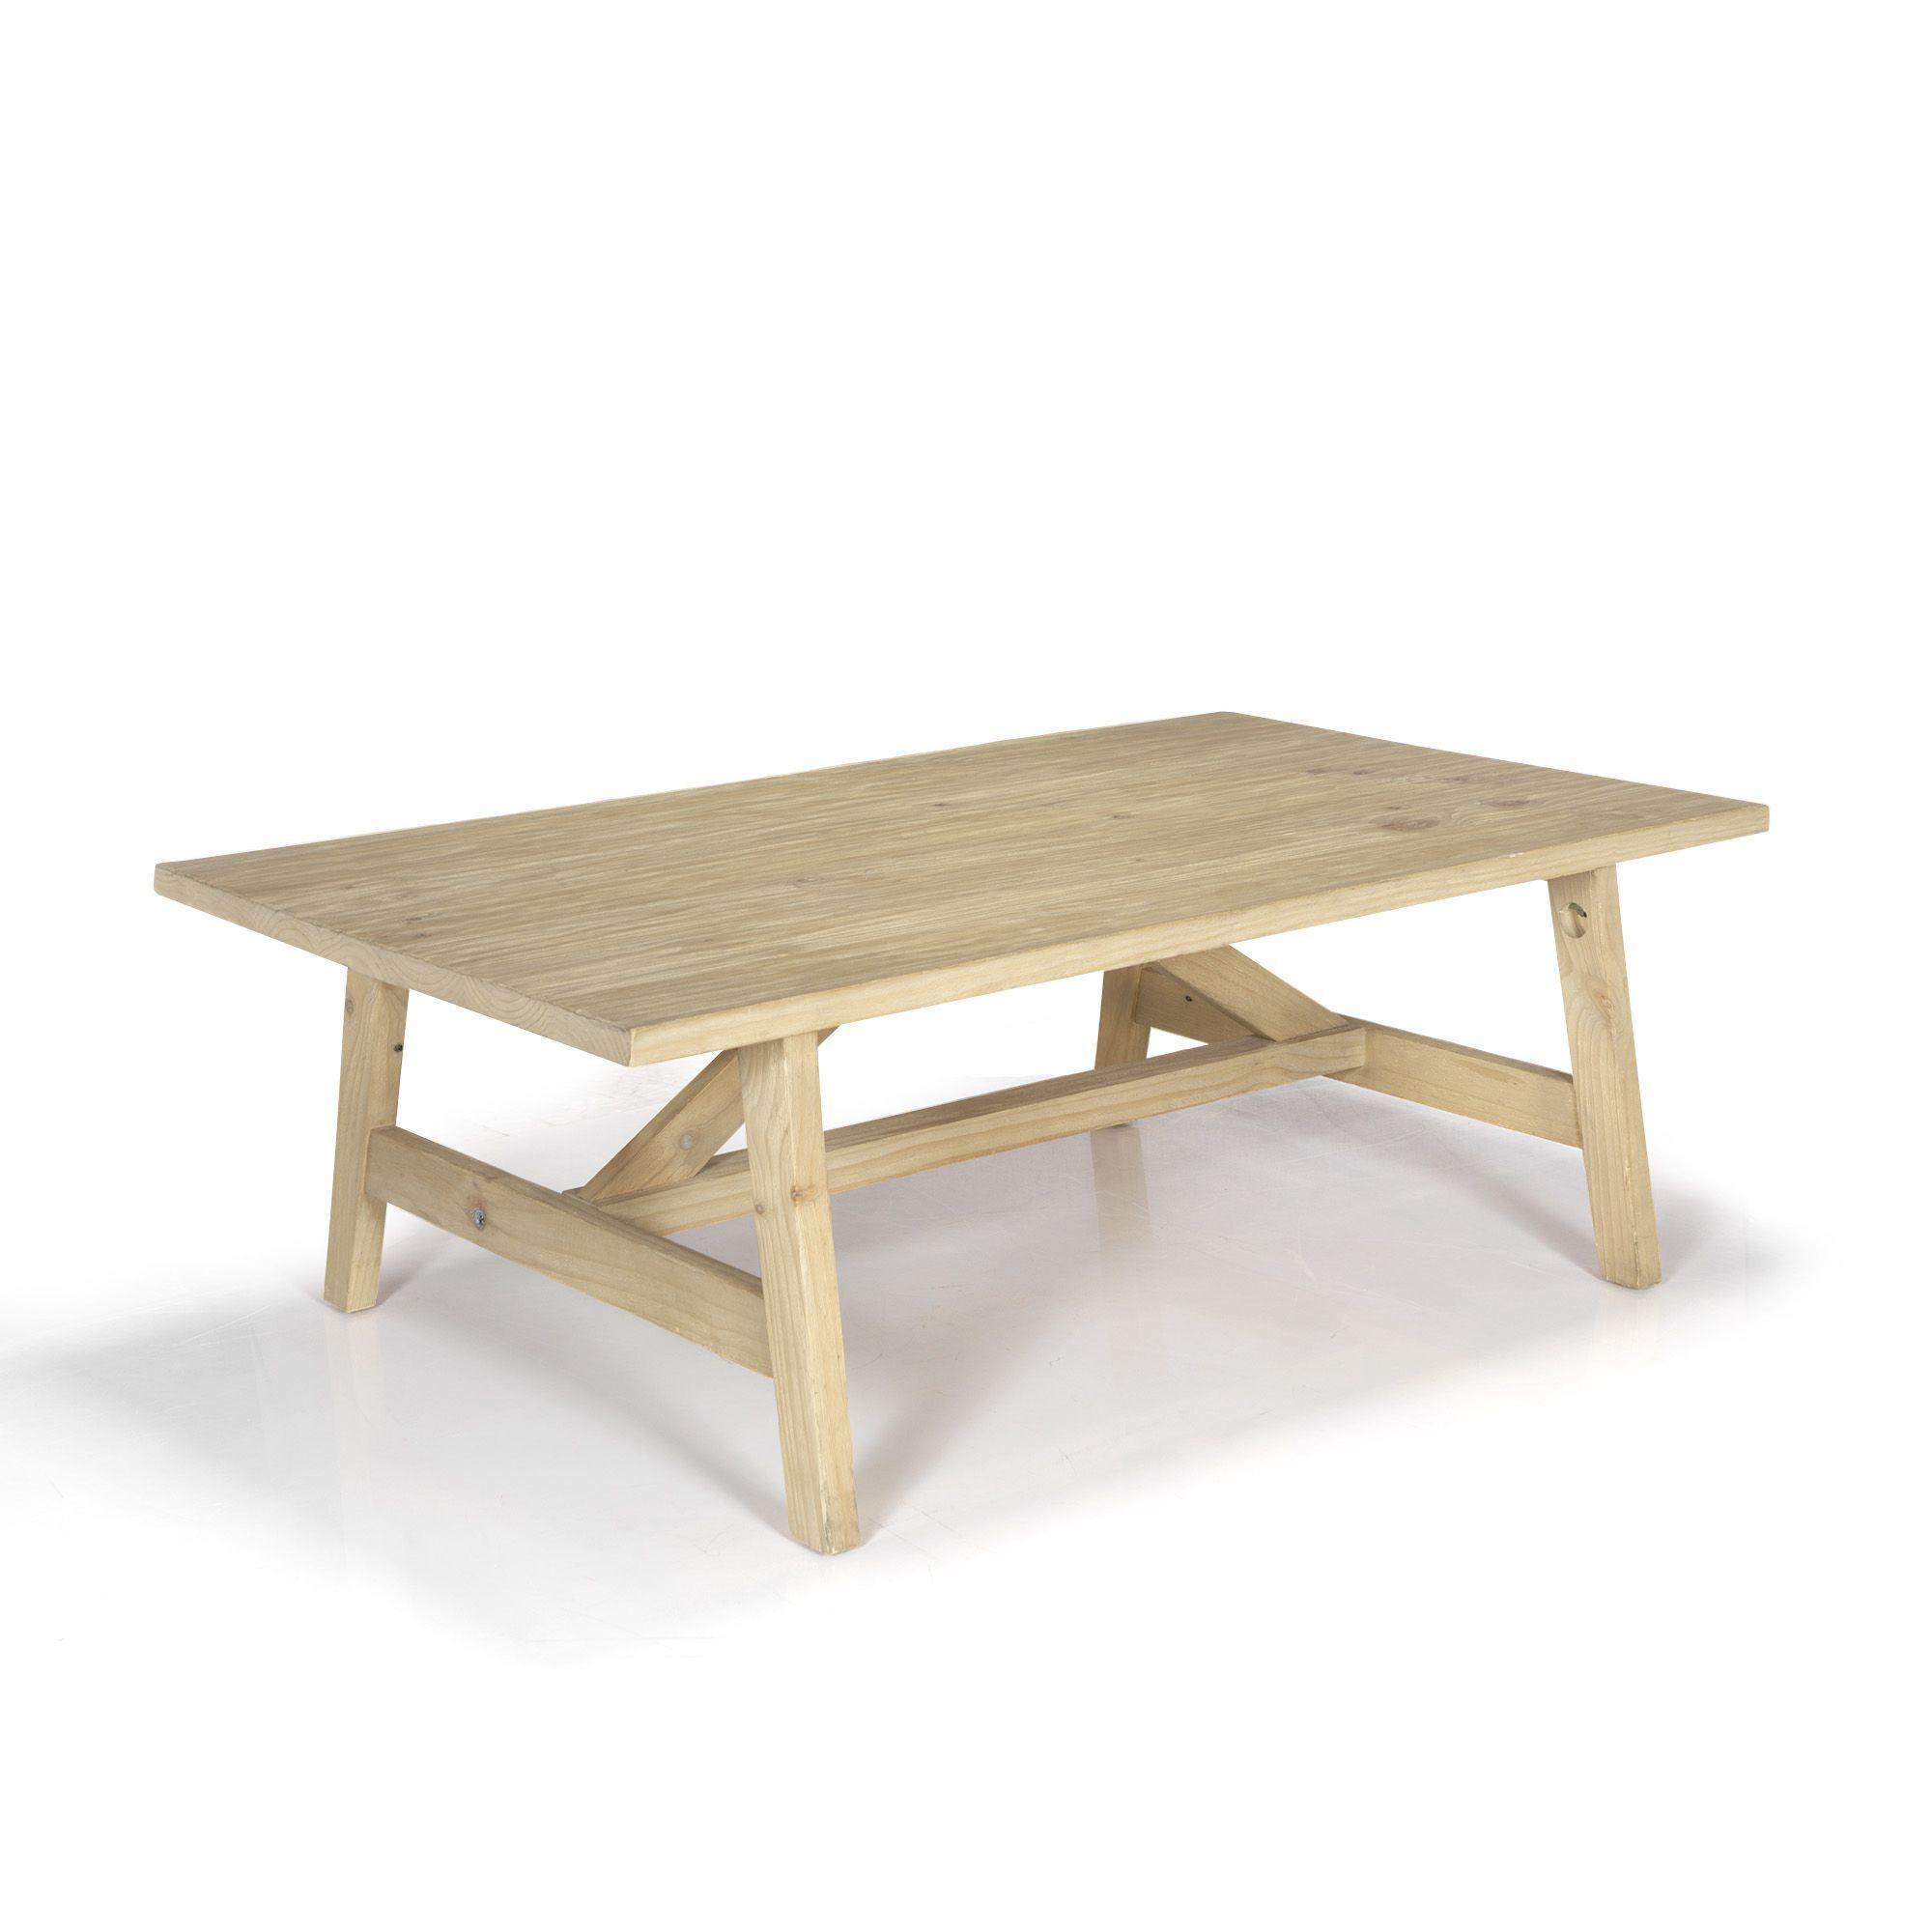 23589c7bc2a8eb6218dc3e640cfc1341 Frais De Table Bois Ikea Des Idées